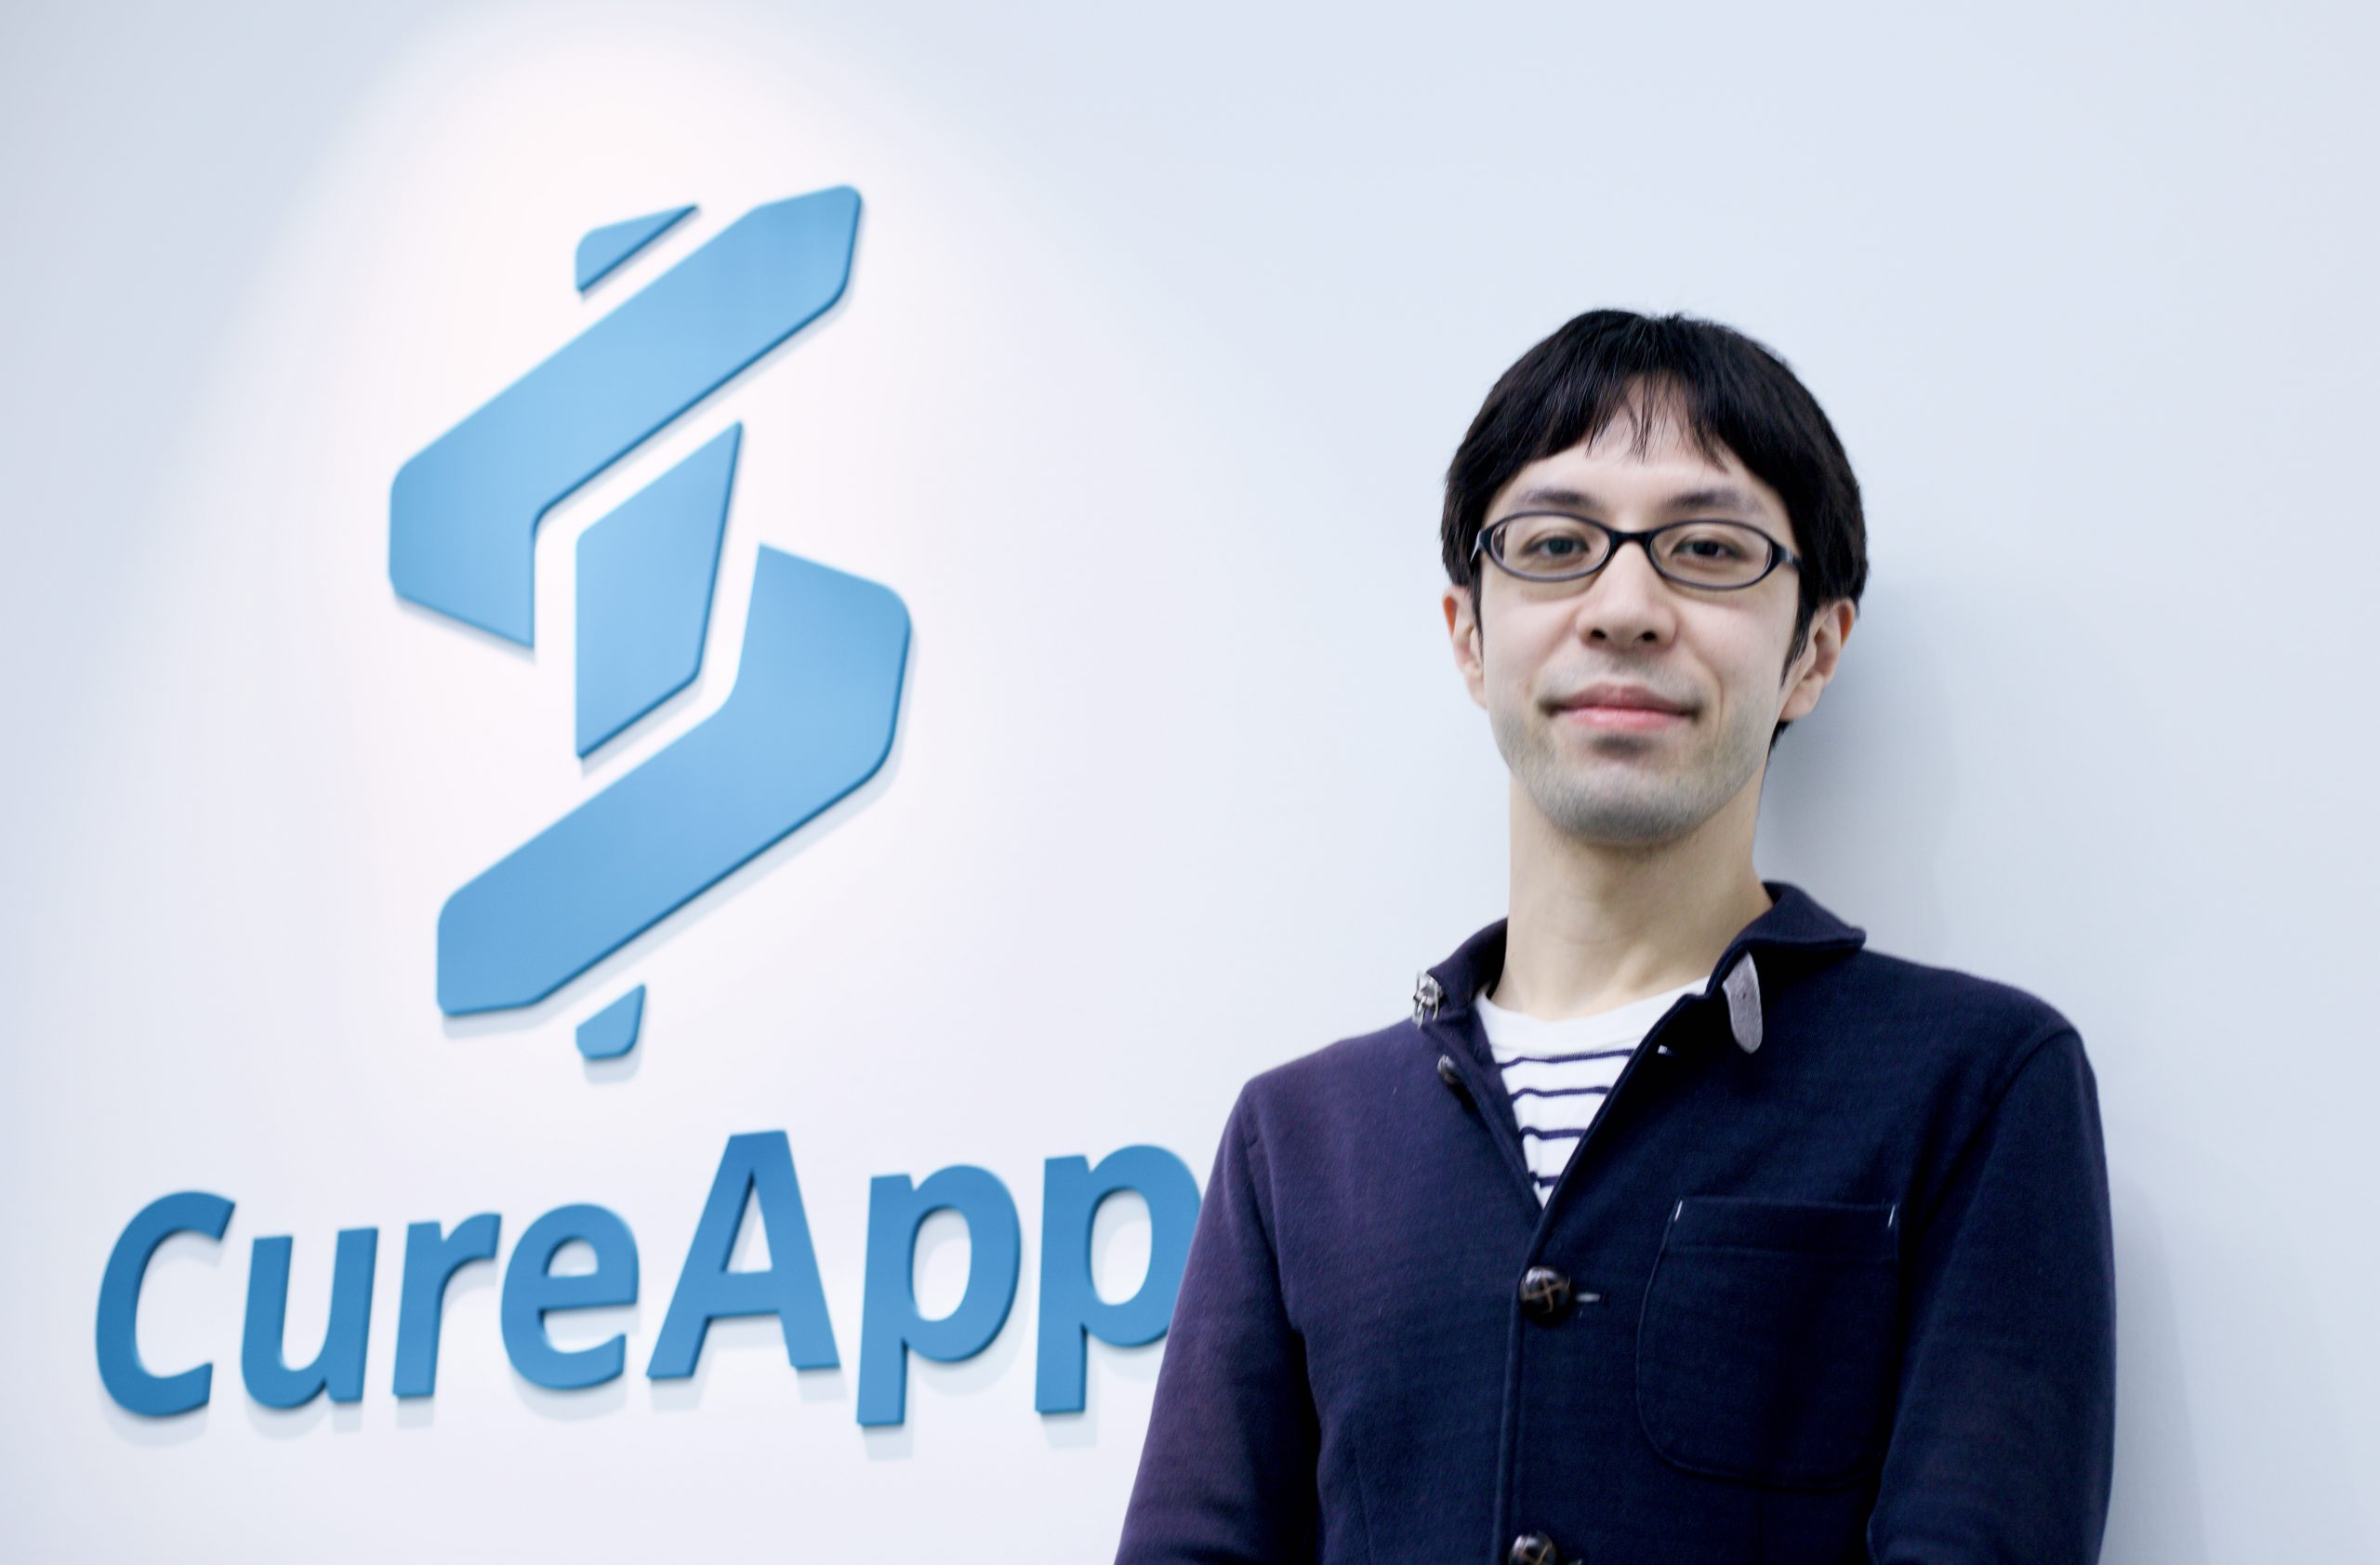 「ペアスカウト」でフィット感ある候補者を探し出す。TypeScriptエンジニア採用に成功したCureAppの採用活動の進め方